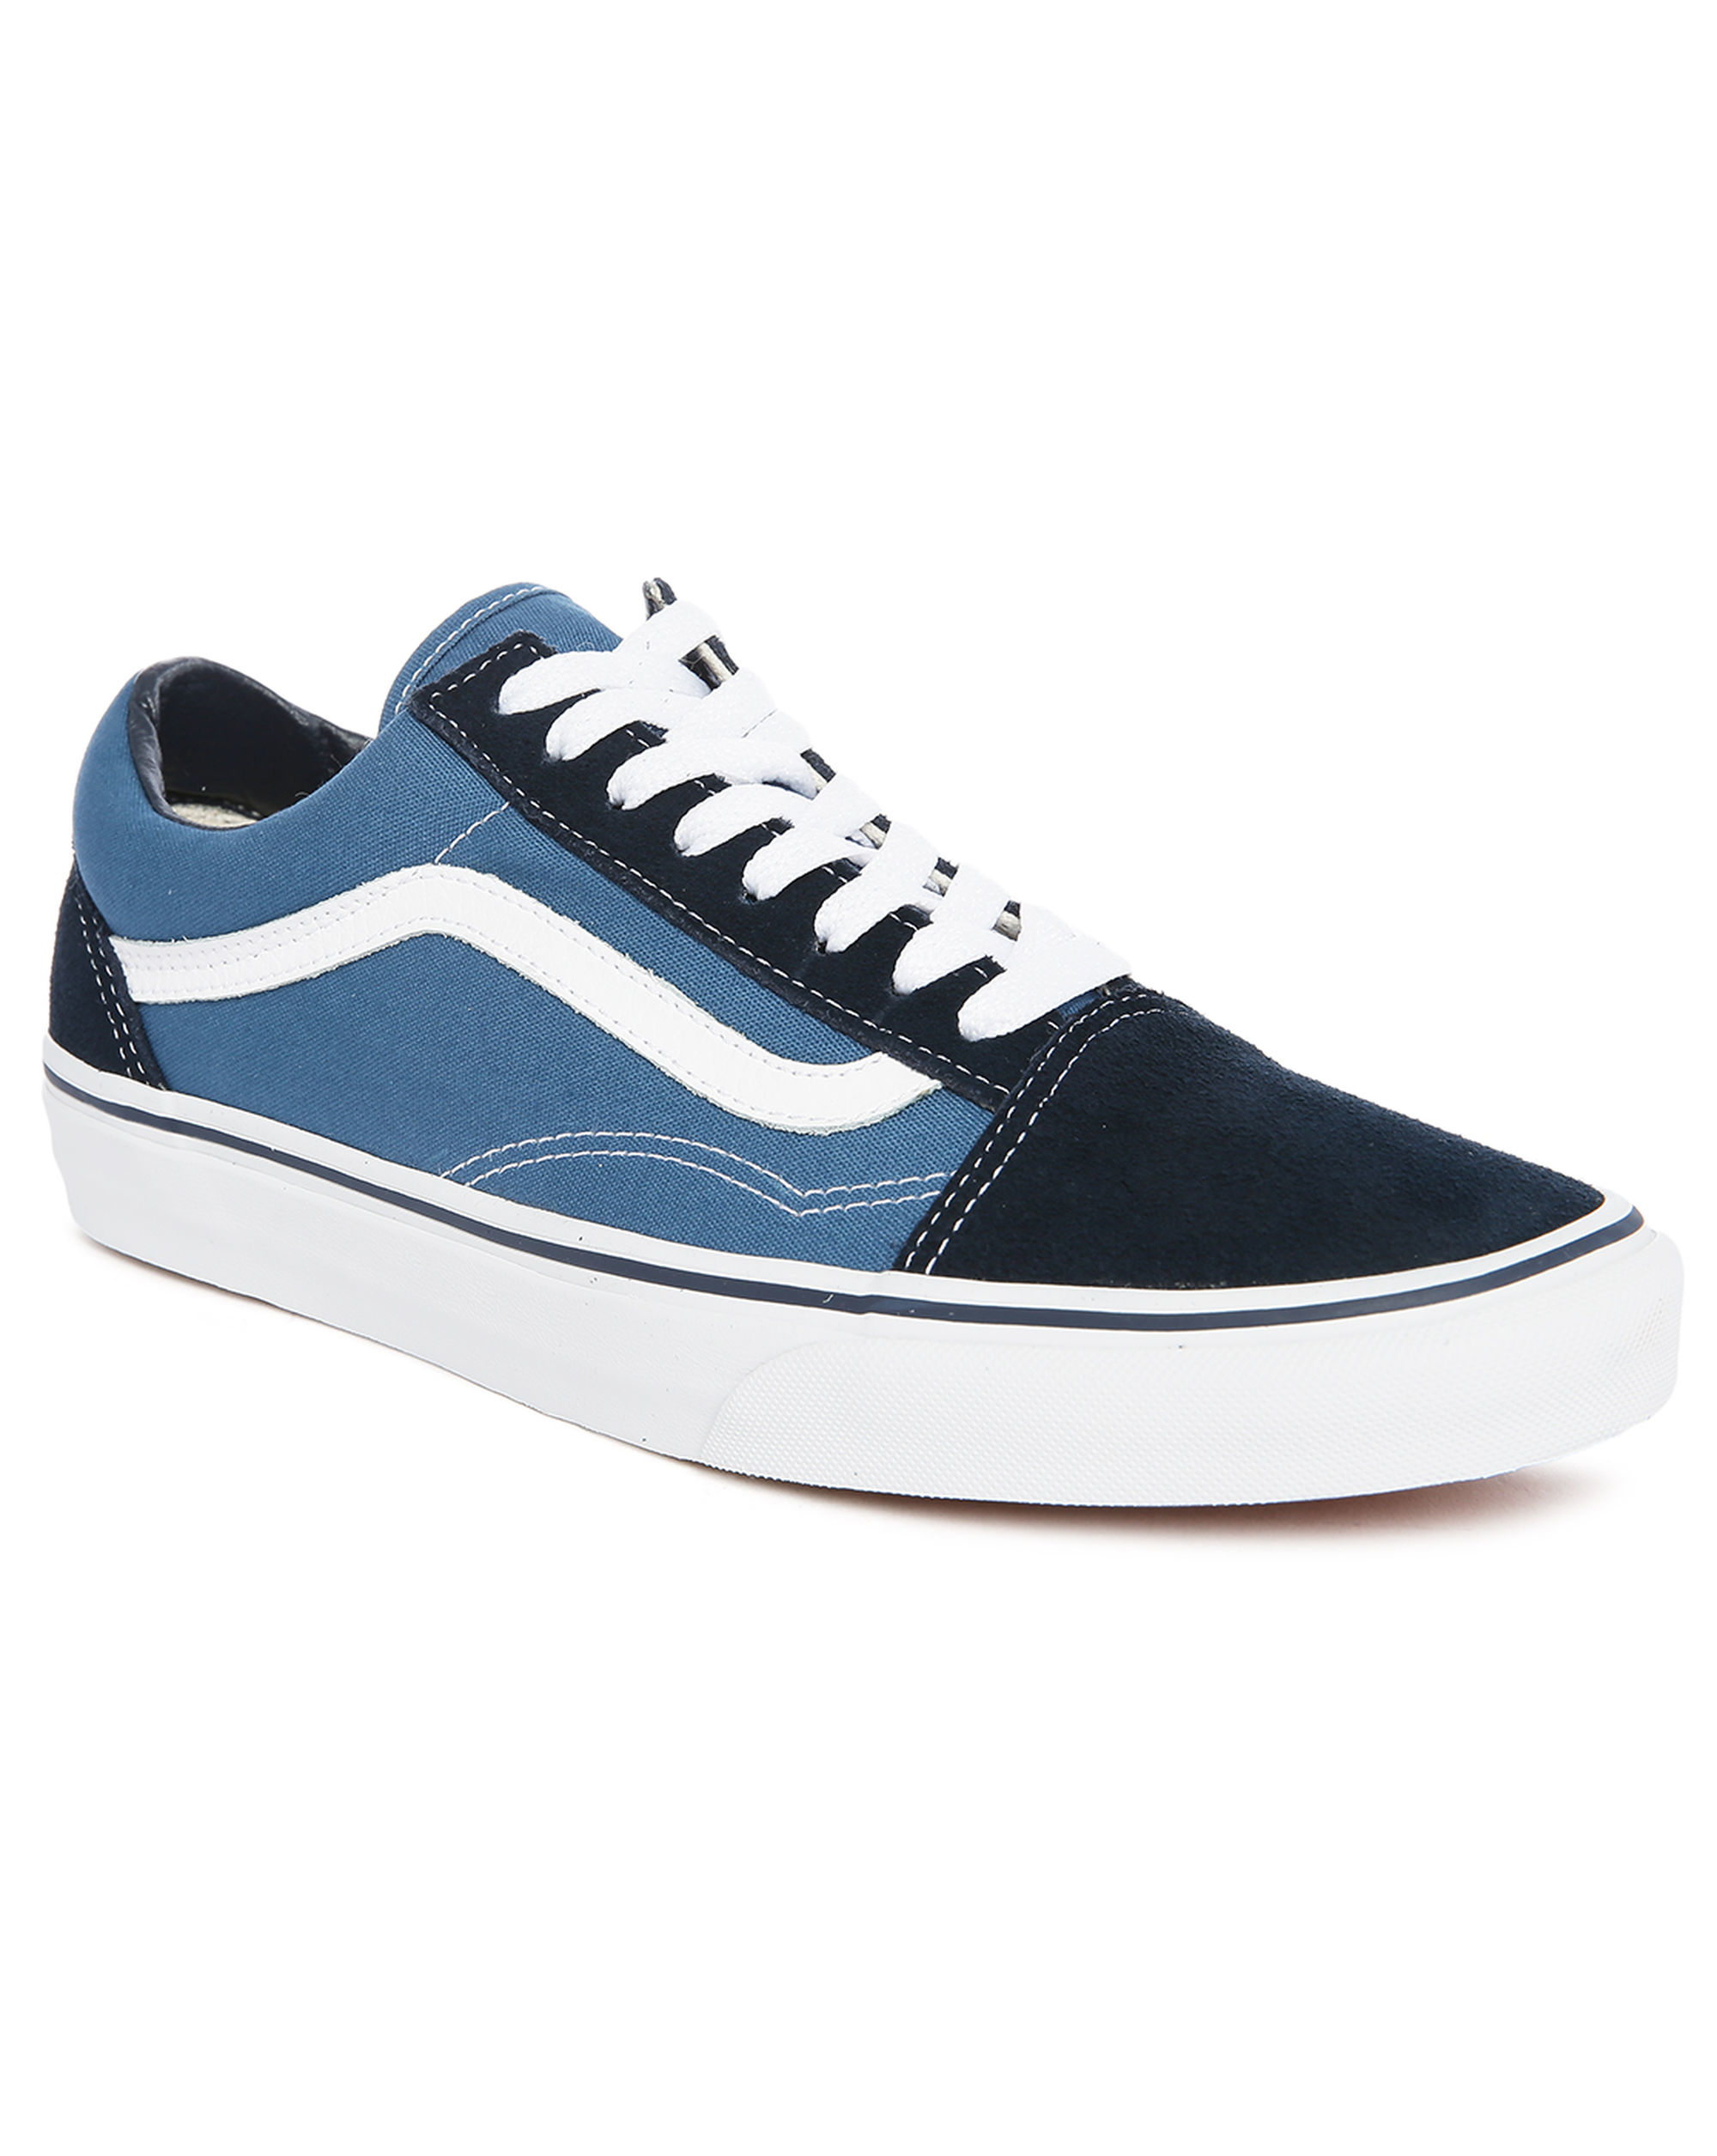 vans blackblue old skool suede canvas sneakers in blue